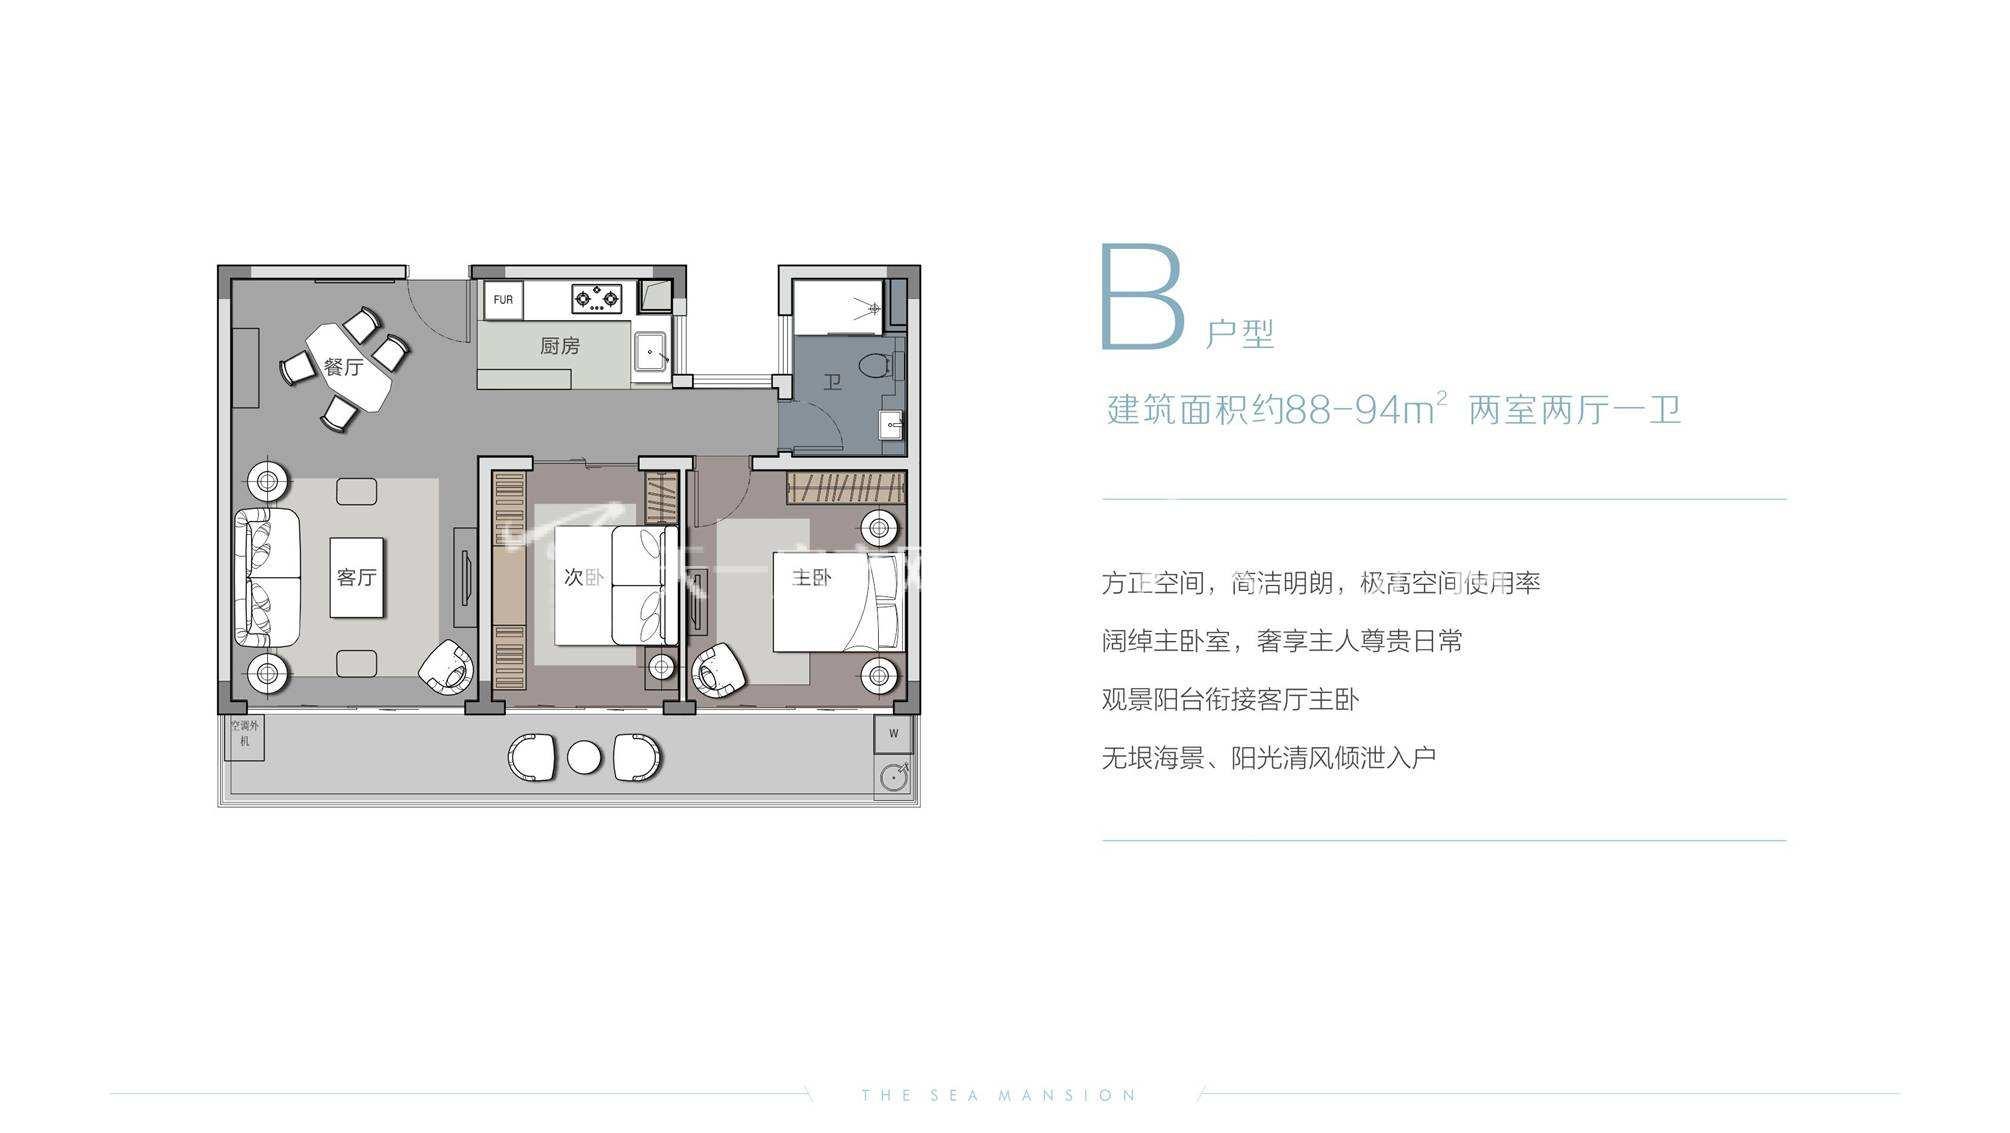 三亚璞海两室两厅 建筑面积88-94㎡